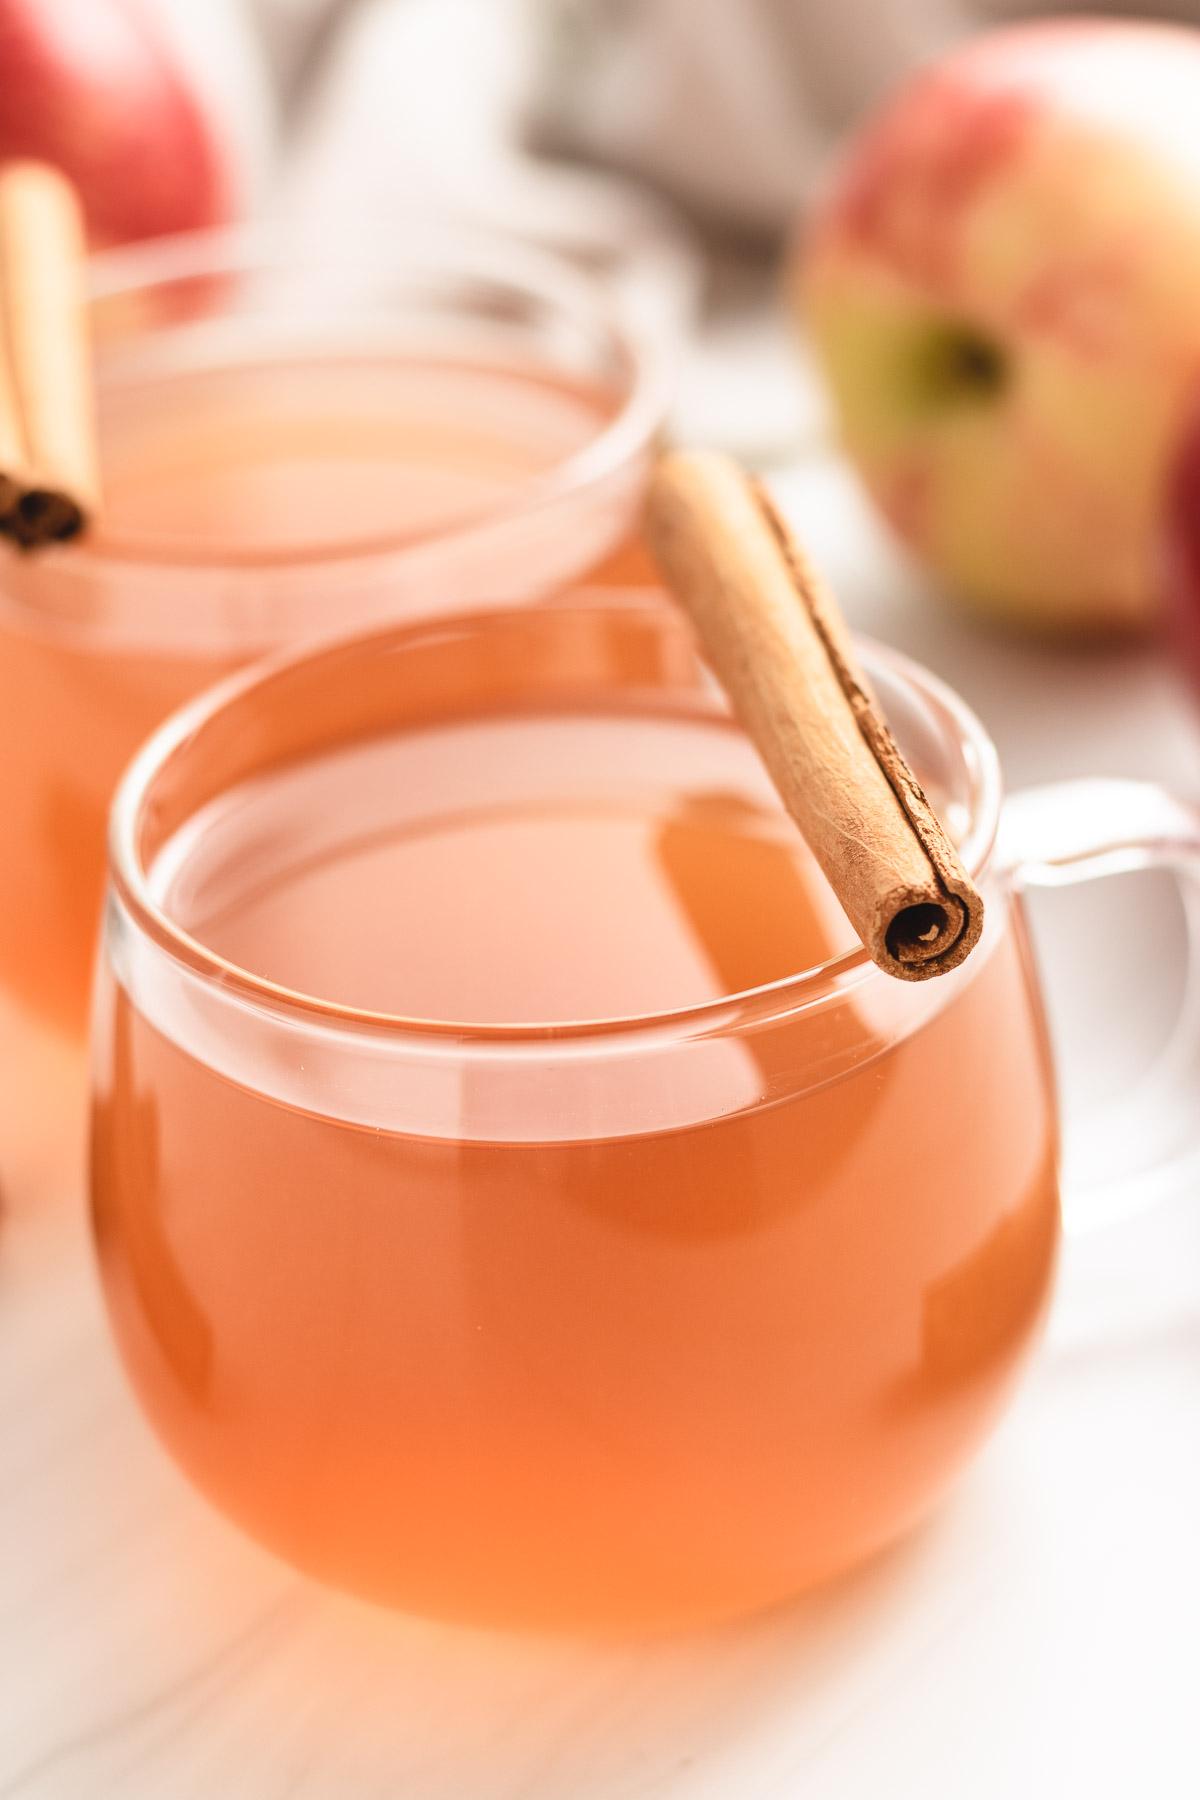 Apple cider in a glass mugh.